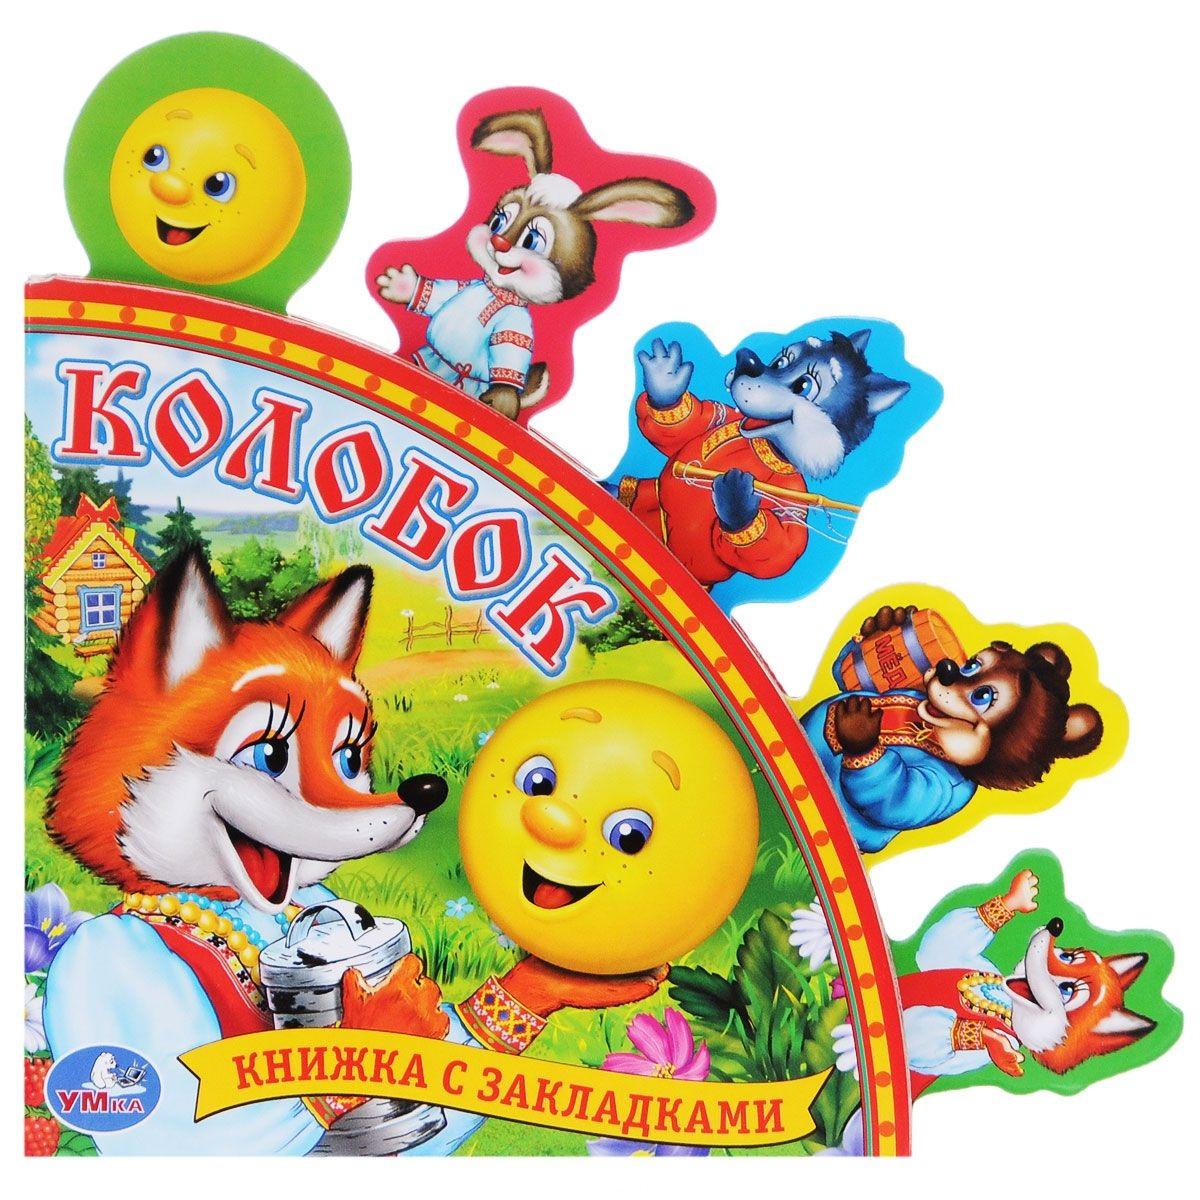 Купить Книга с закладками - Русские народные сказки - Колобок, Умка